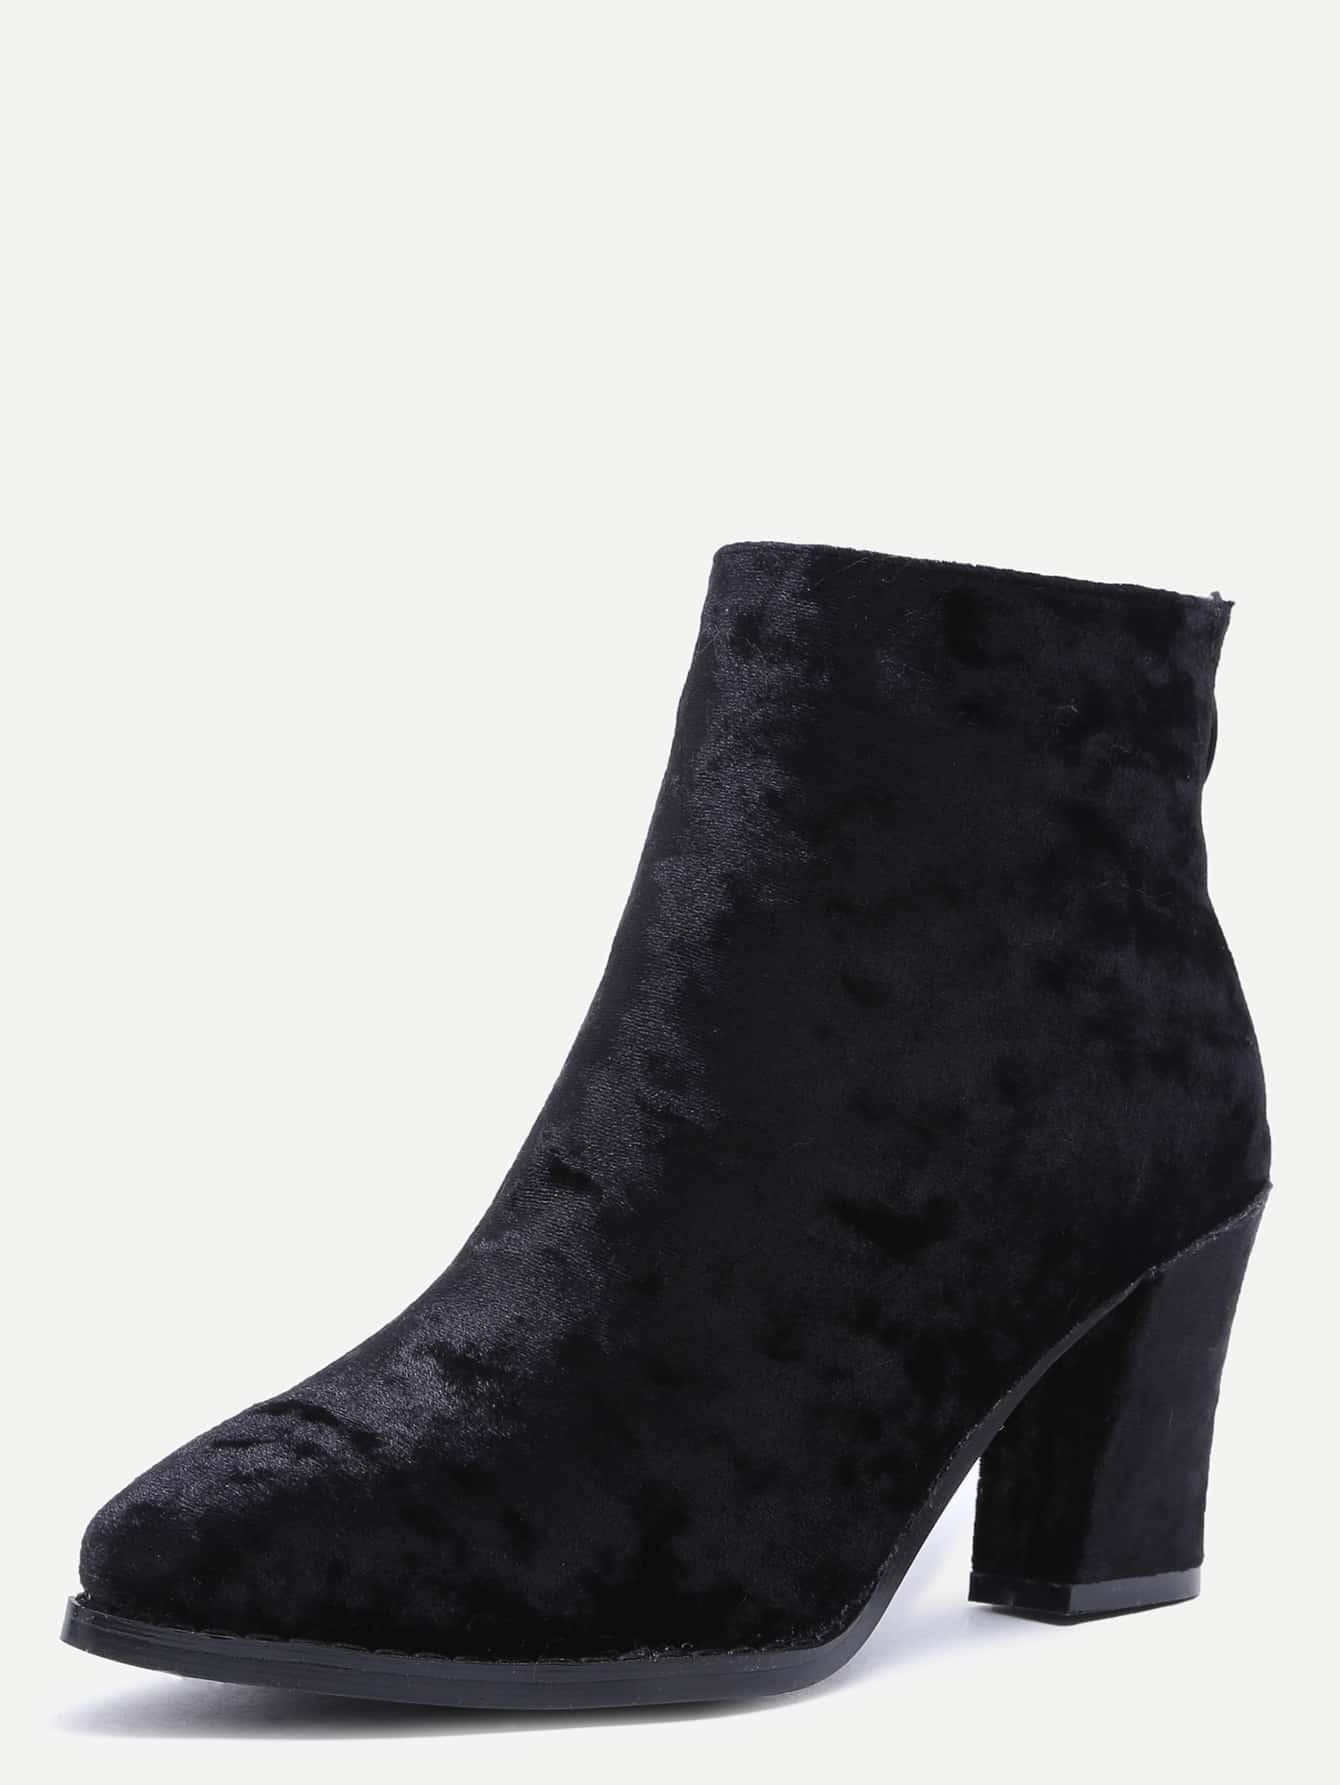 shoes161021801_2